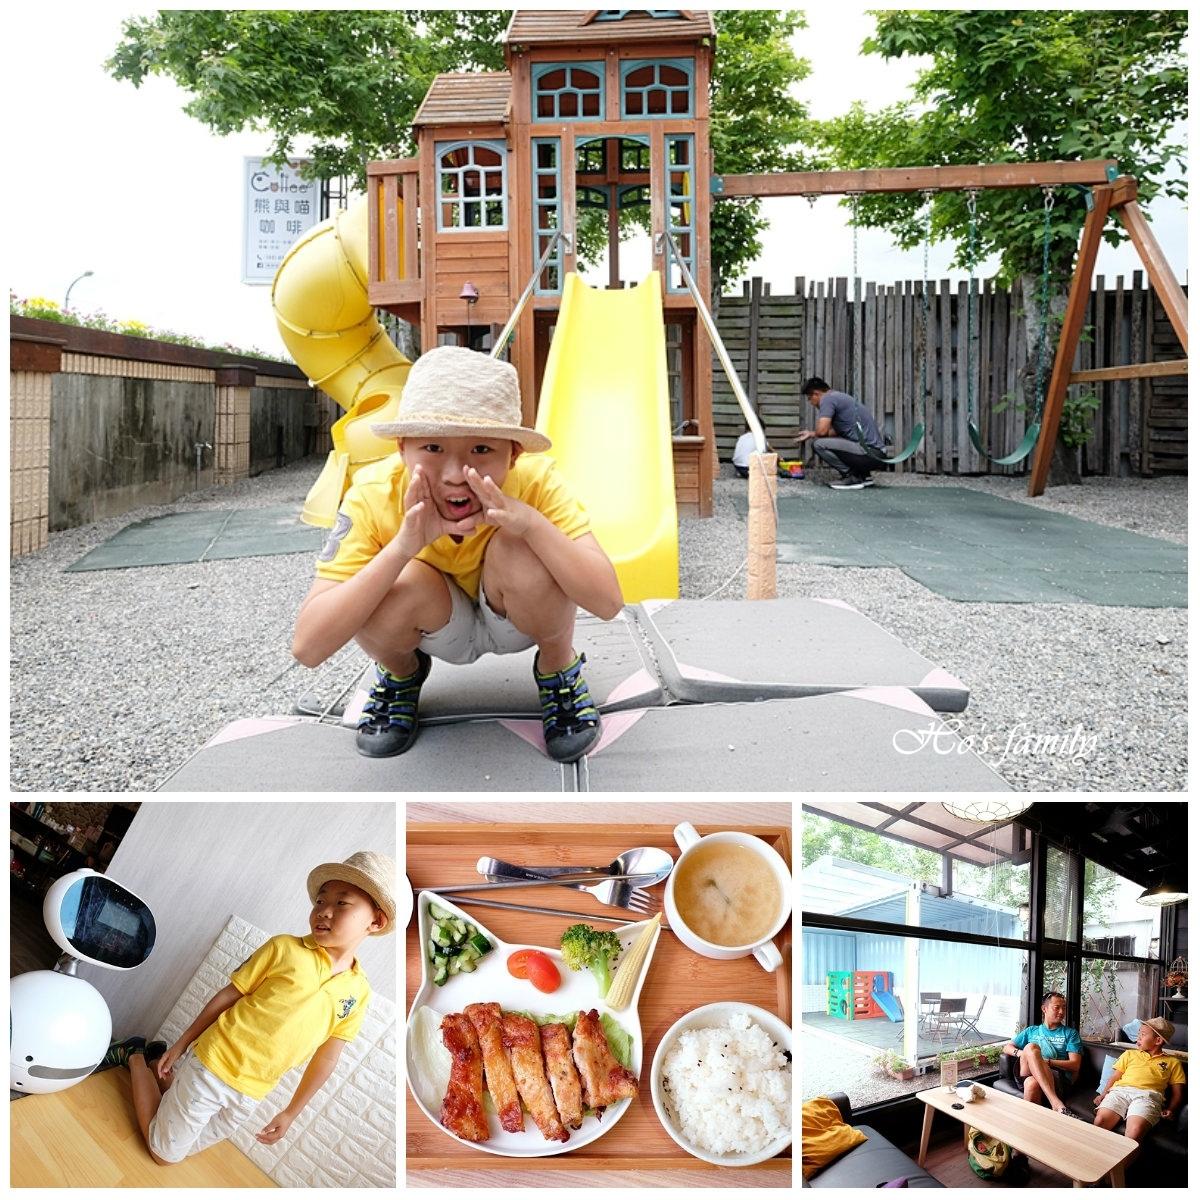 【宜蘭市親子友善餐廳】熊與喵咖啡.jpg